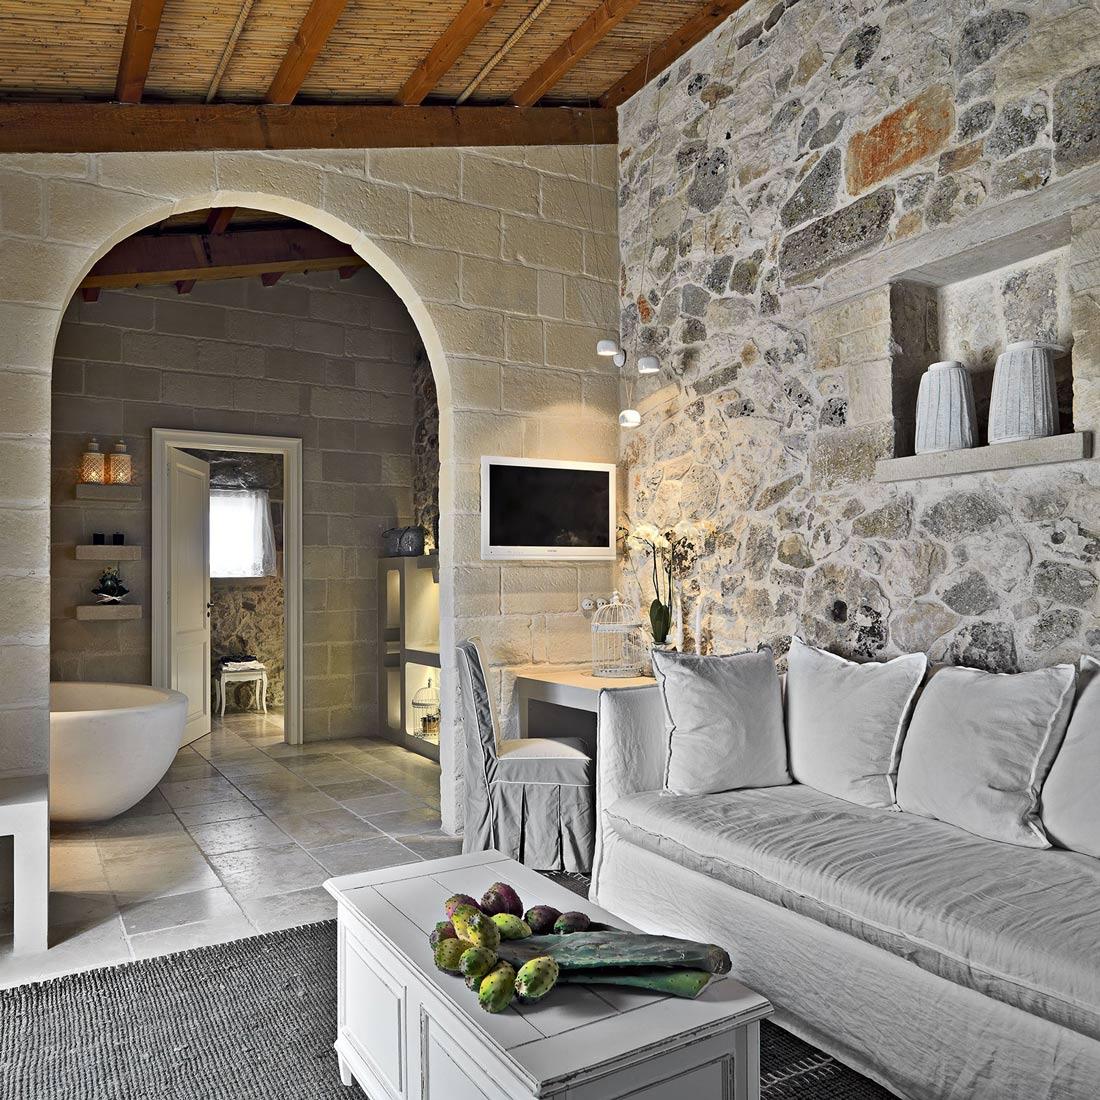 Sofa, Living Room, Relais Masseria Capasa Hotel in Martano, Italy